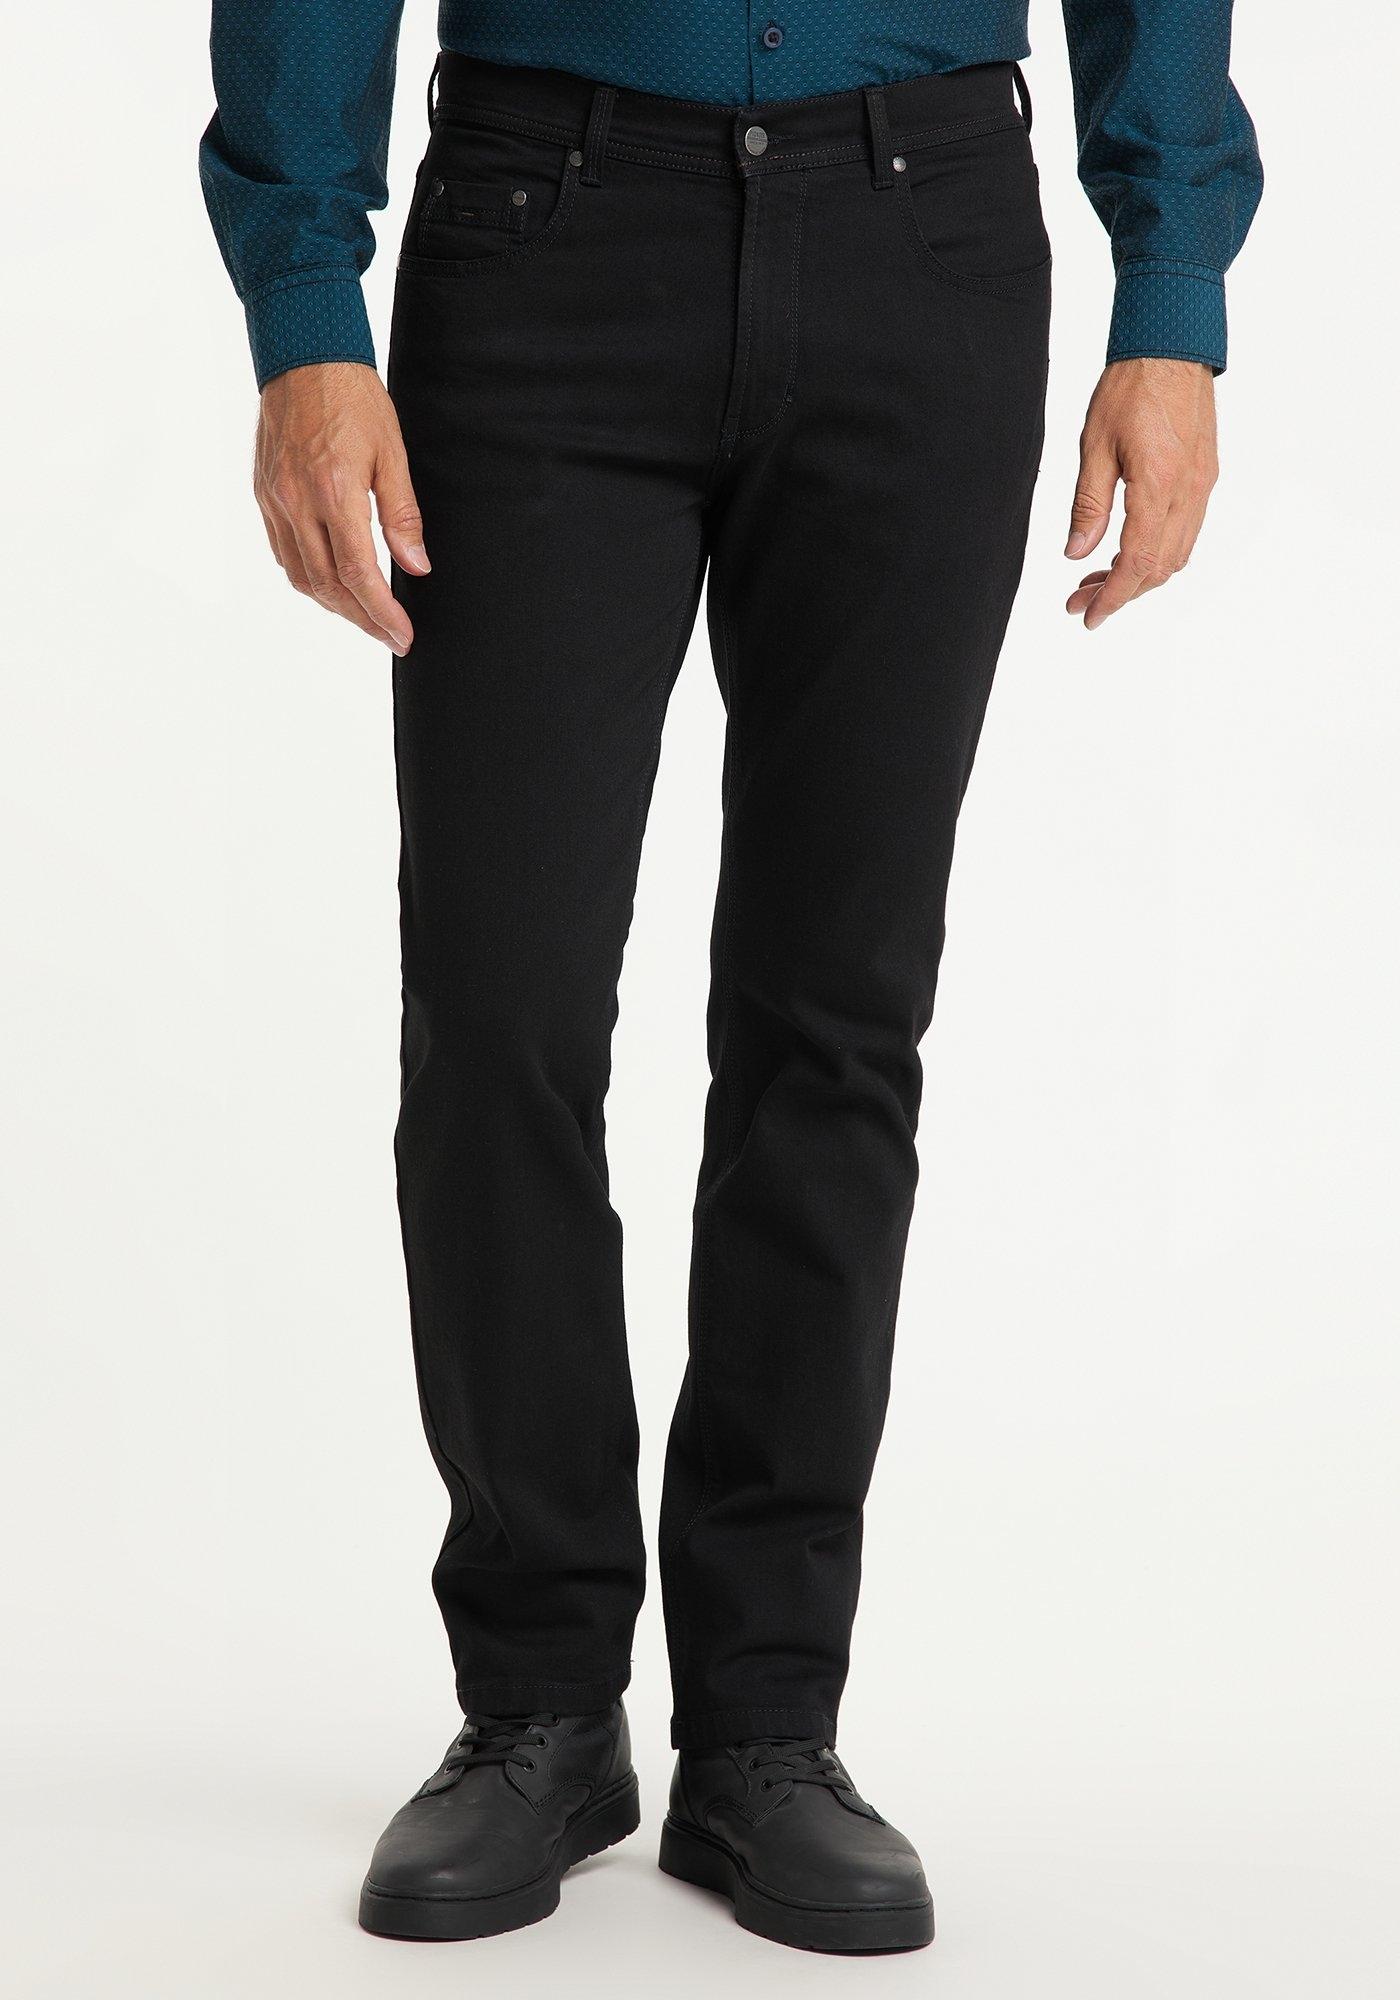 Pioneer Authentic Jeans regular fit jeans »RANDO« voordelig en veilig online kopen